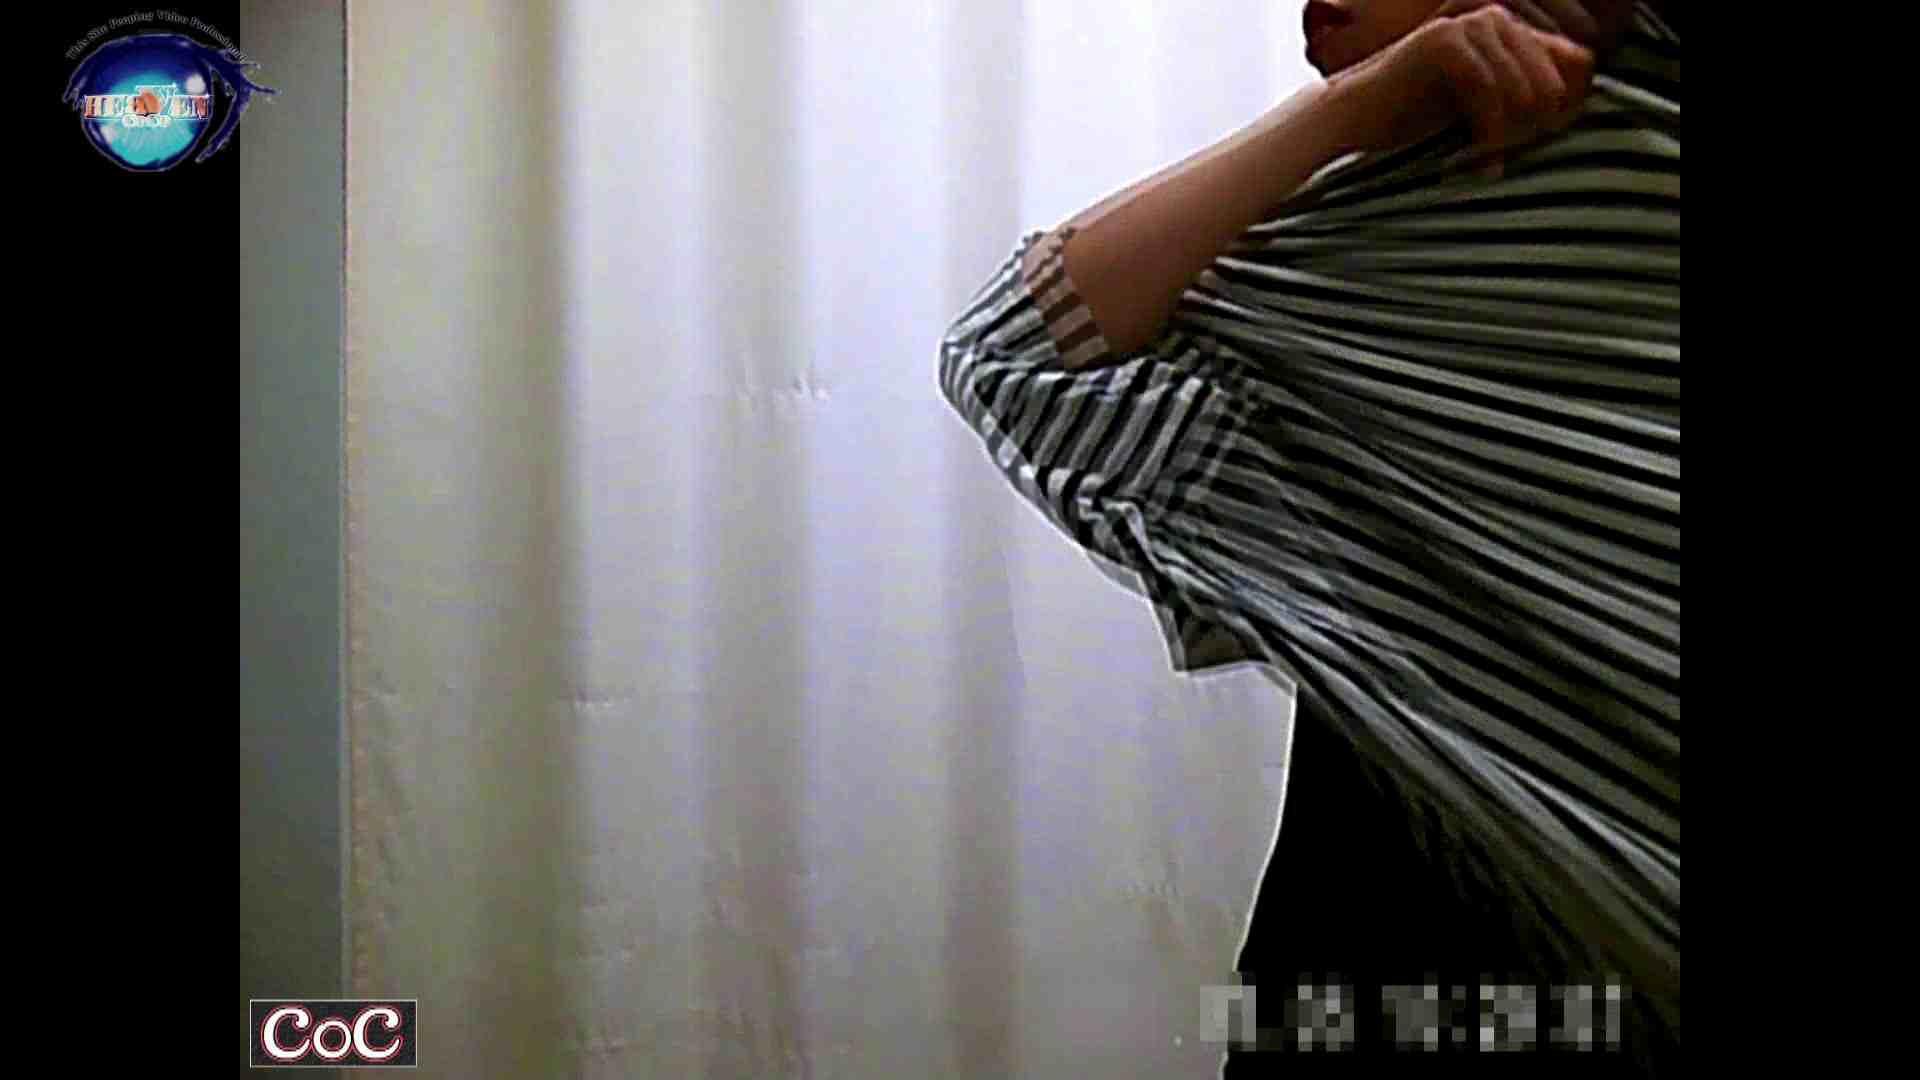 激ヤバ健康診断!着替えの一部始終.vol.11 ※本編ボカシ・目線無し 盗撮シリーズ オマンコ無修正動画無料 107PIX 42